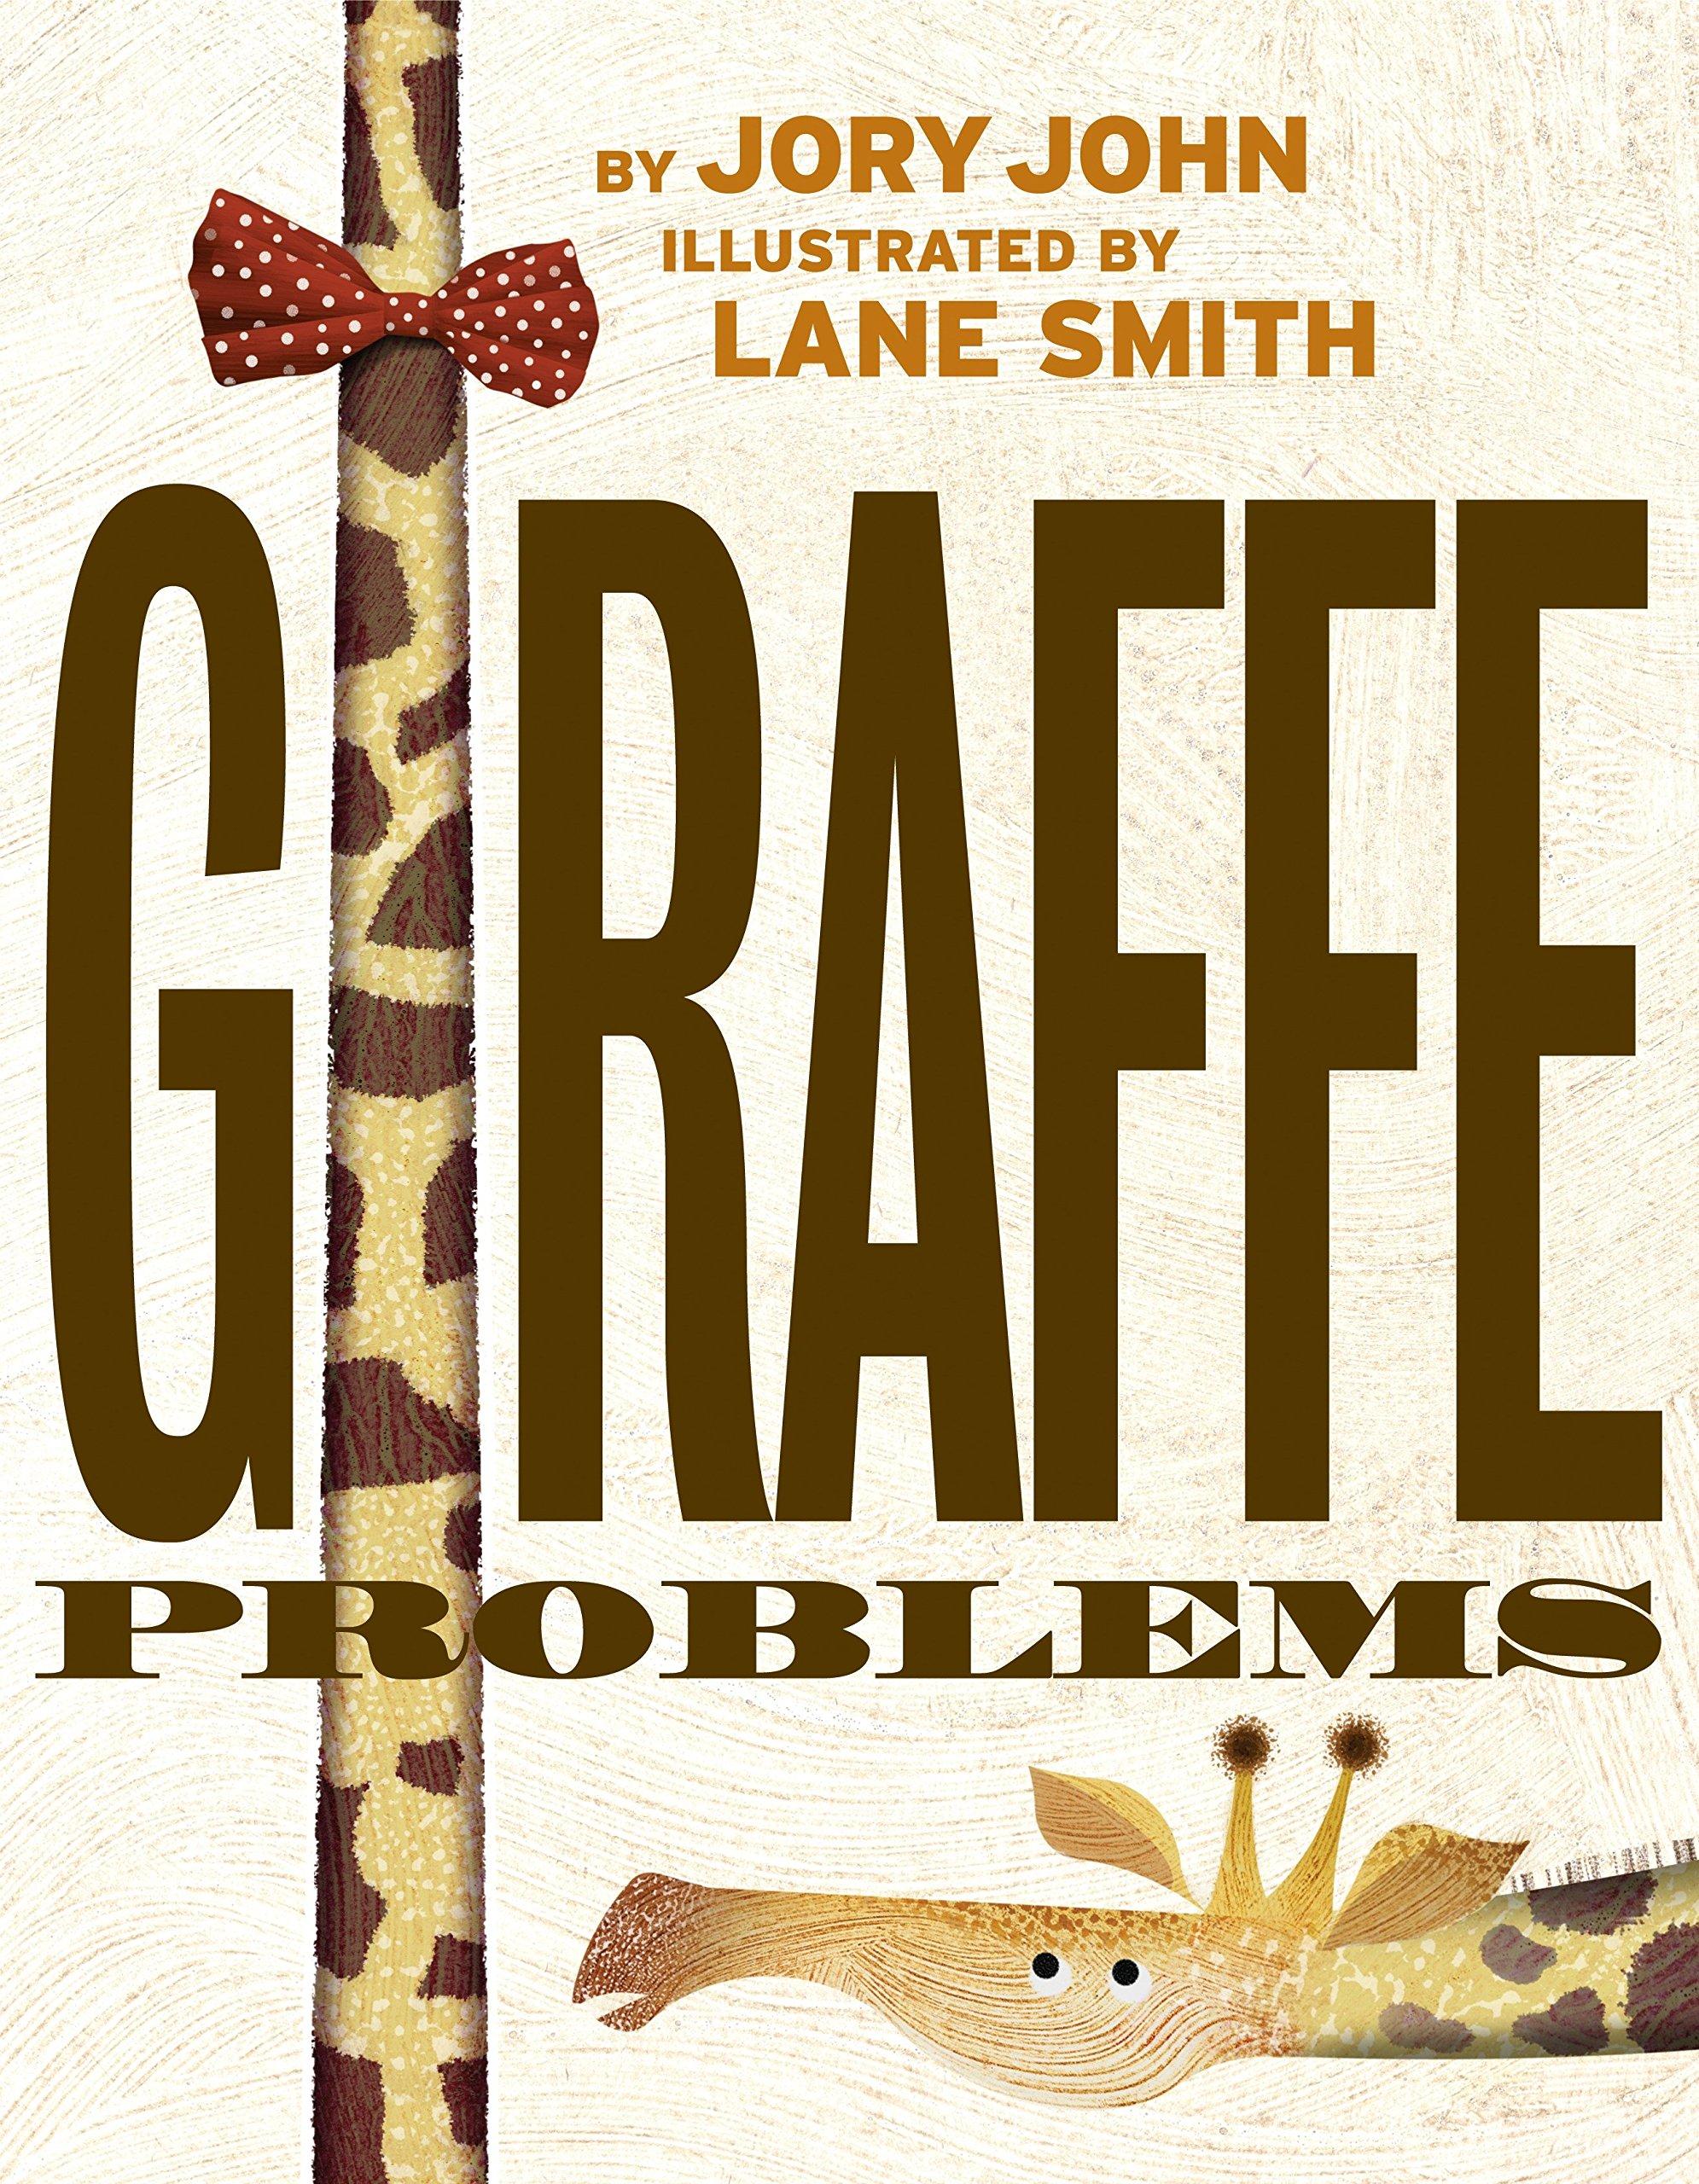 celebrate-picture-books-picture-book-review-giraffe-problems-cover